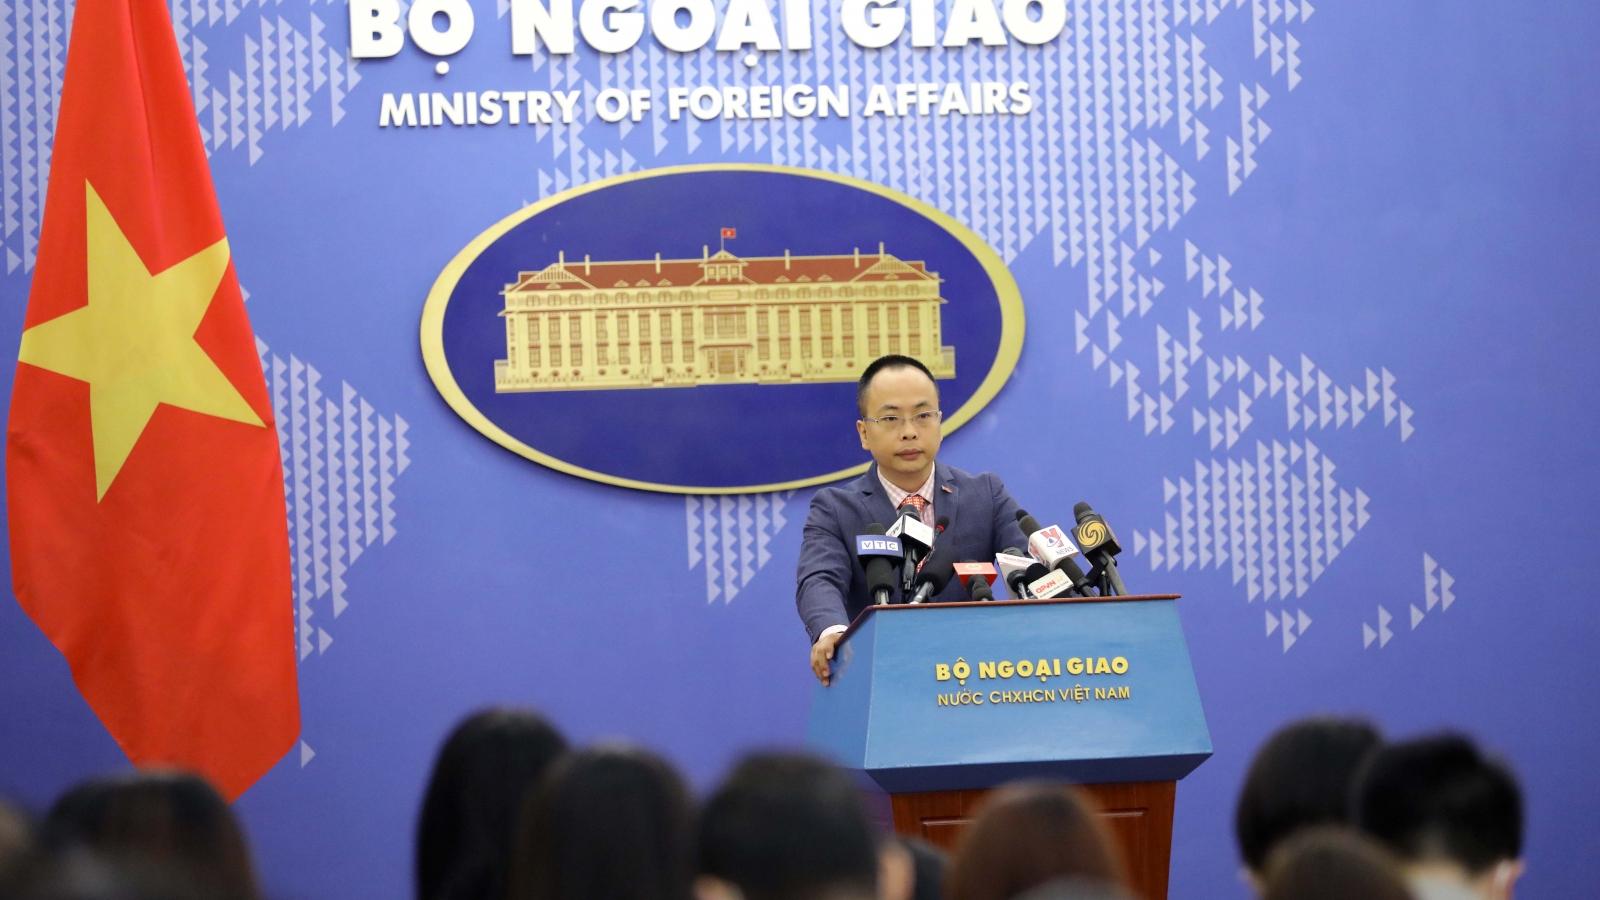 Báo cáo tình hình tự do tôn giáo của Mỹ chưa khách quan về Việt Nam